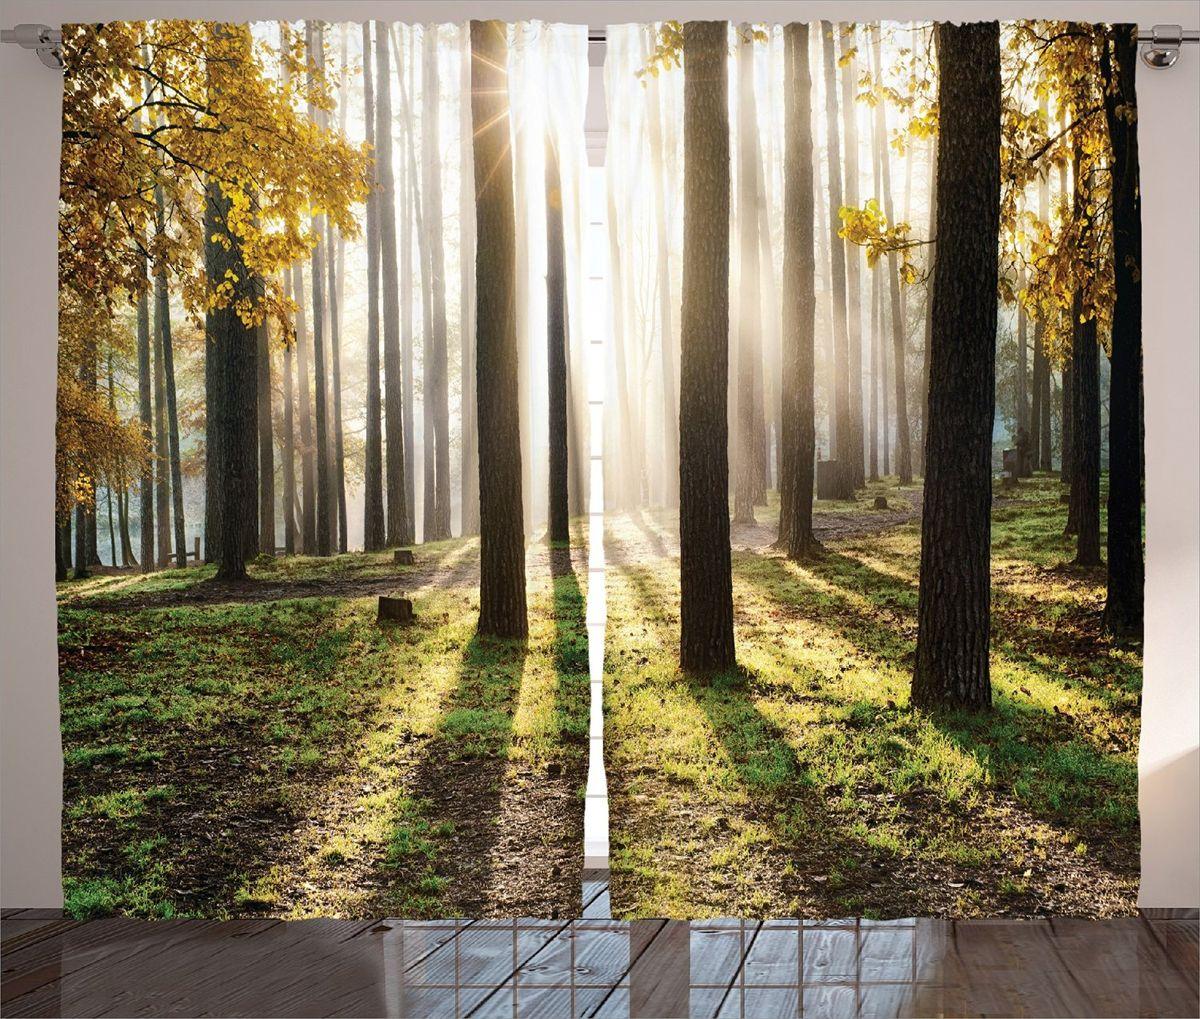 Комплект фотоштор Magic Lady Солнце в осеннем лесу, на ленте, высота 265 см. шсг_15217IRK-503Роскошный комплект фотоштор Magic Lady Солнце в осеннем лесу, выполненный из высококачественного сатена (полиэстер 100%), великолепно украсит любое окно. При изготовлении используются специальные гипоаллергенные чернила. Комплект состоит из двух фотоштор и декорирован изящным рисунком. Оригинальный дизайн и цветовая гамма привлекут к себе внимание и органично впишутся в интерьер комнаты. Крепление на карниз при помощи шторной ленты на крючки.